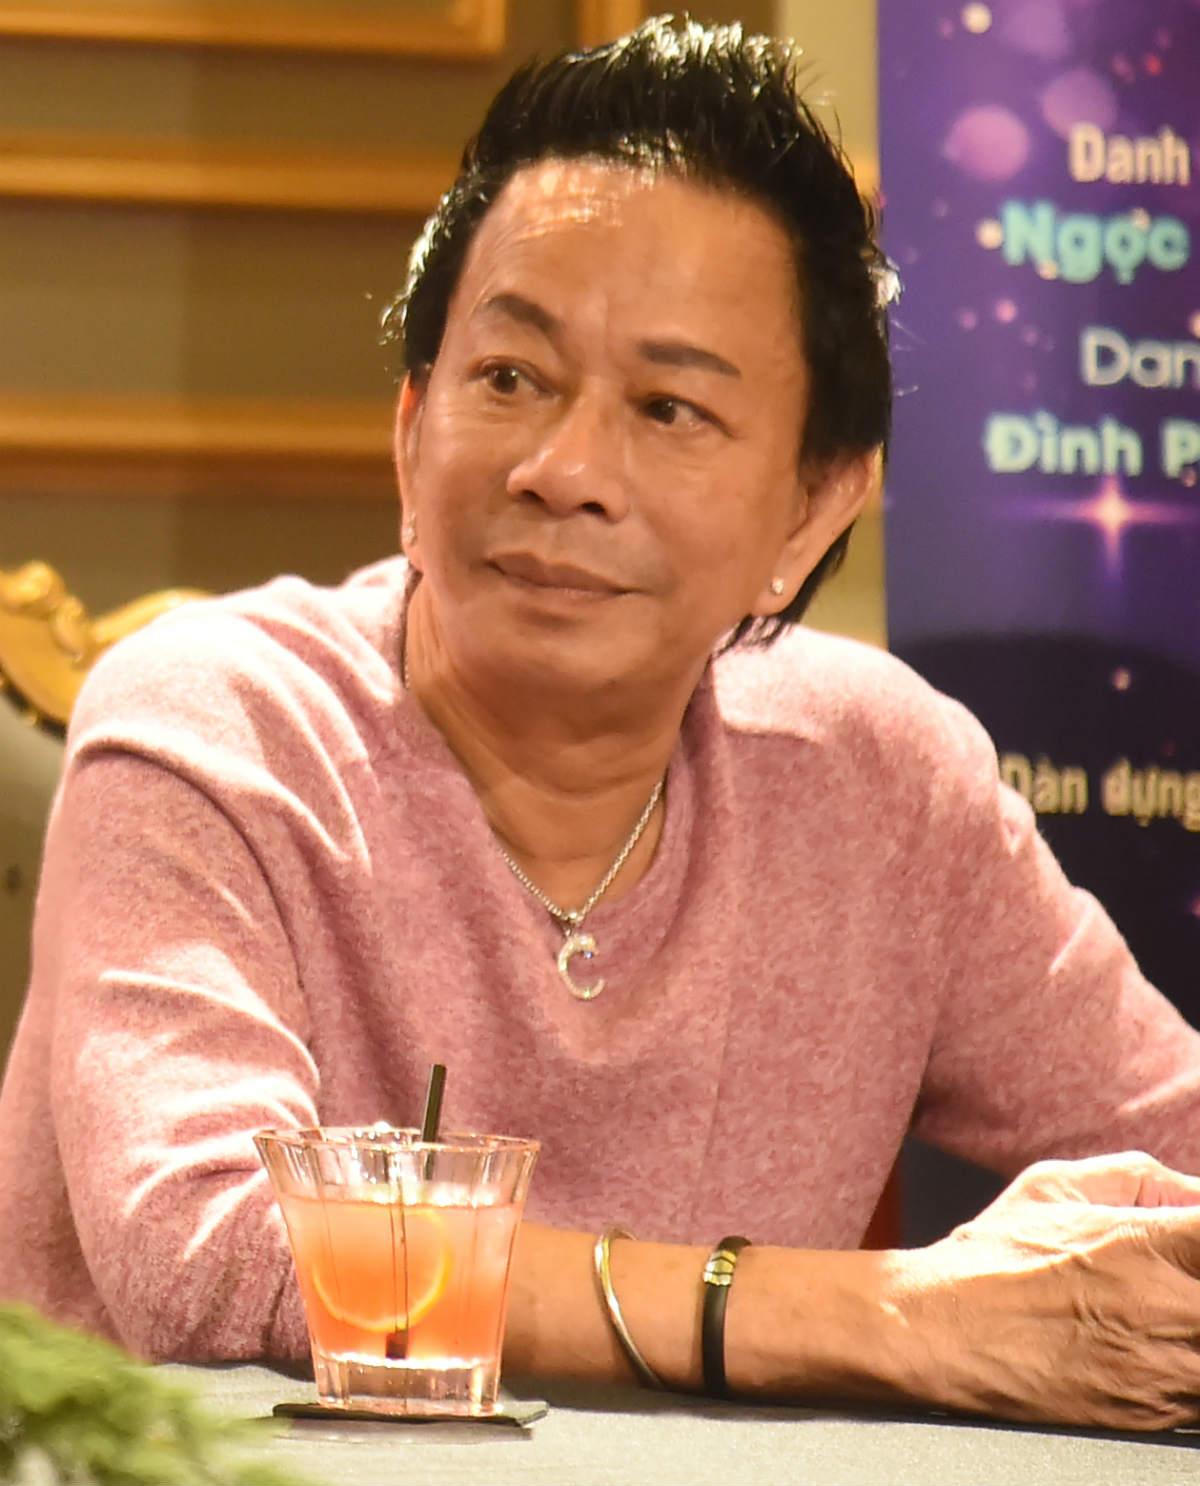 Danh hài Bảo Chung nói về tin đồn thời trẻ lắm tiền, thích chơi xe sang - 1